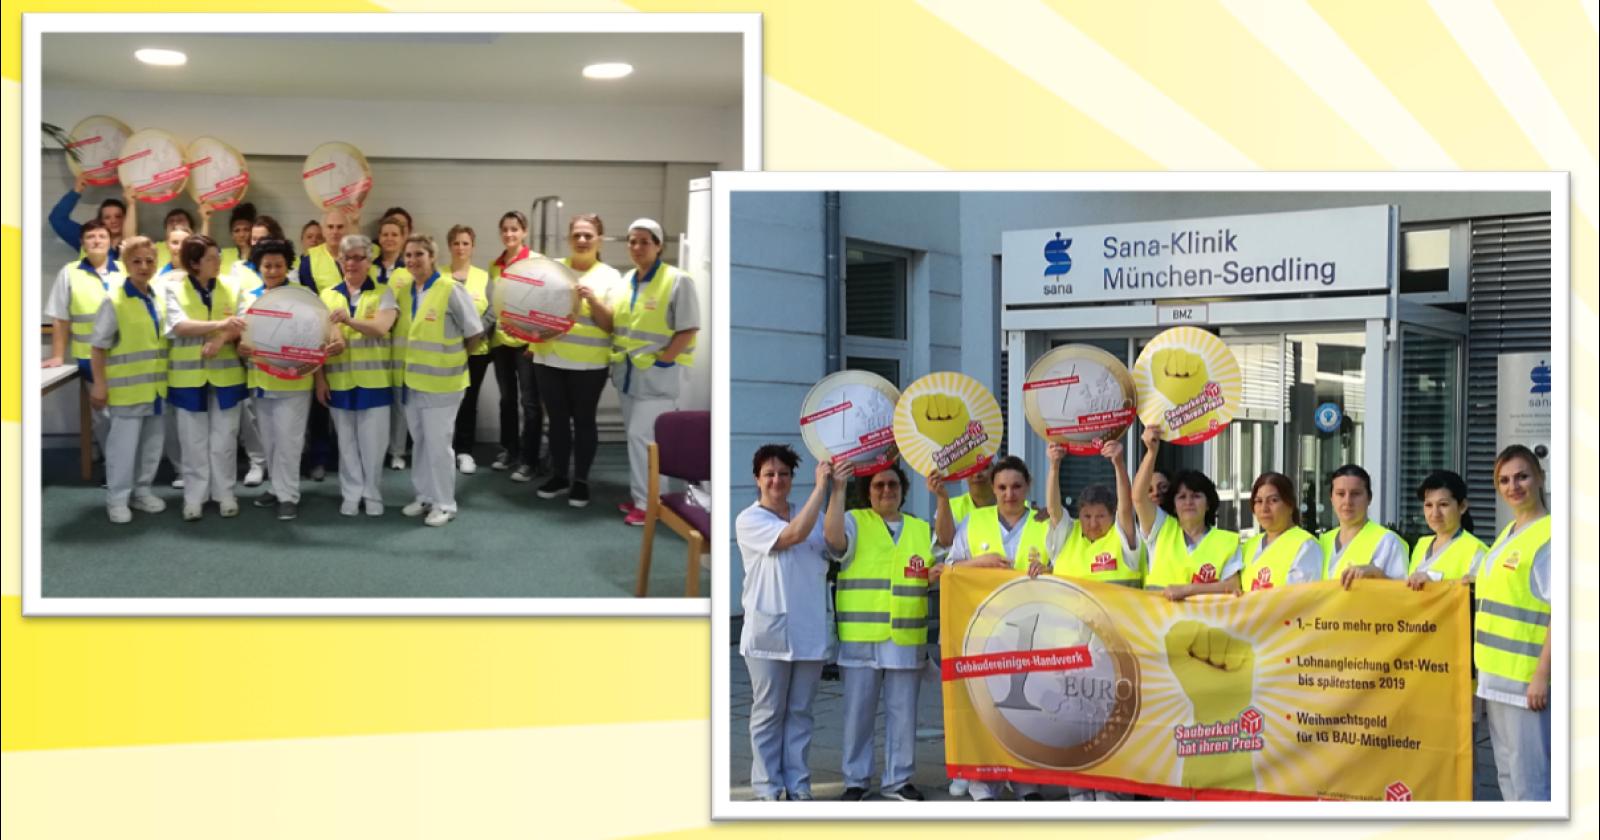 Beschäftigte von KDS in Ulm & Sana DGS München treten für gerechte Löhne ein und unterstützen die Tarifkommission der IG BAU